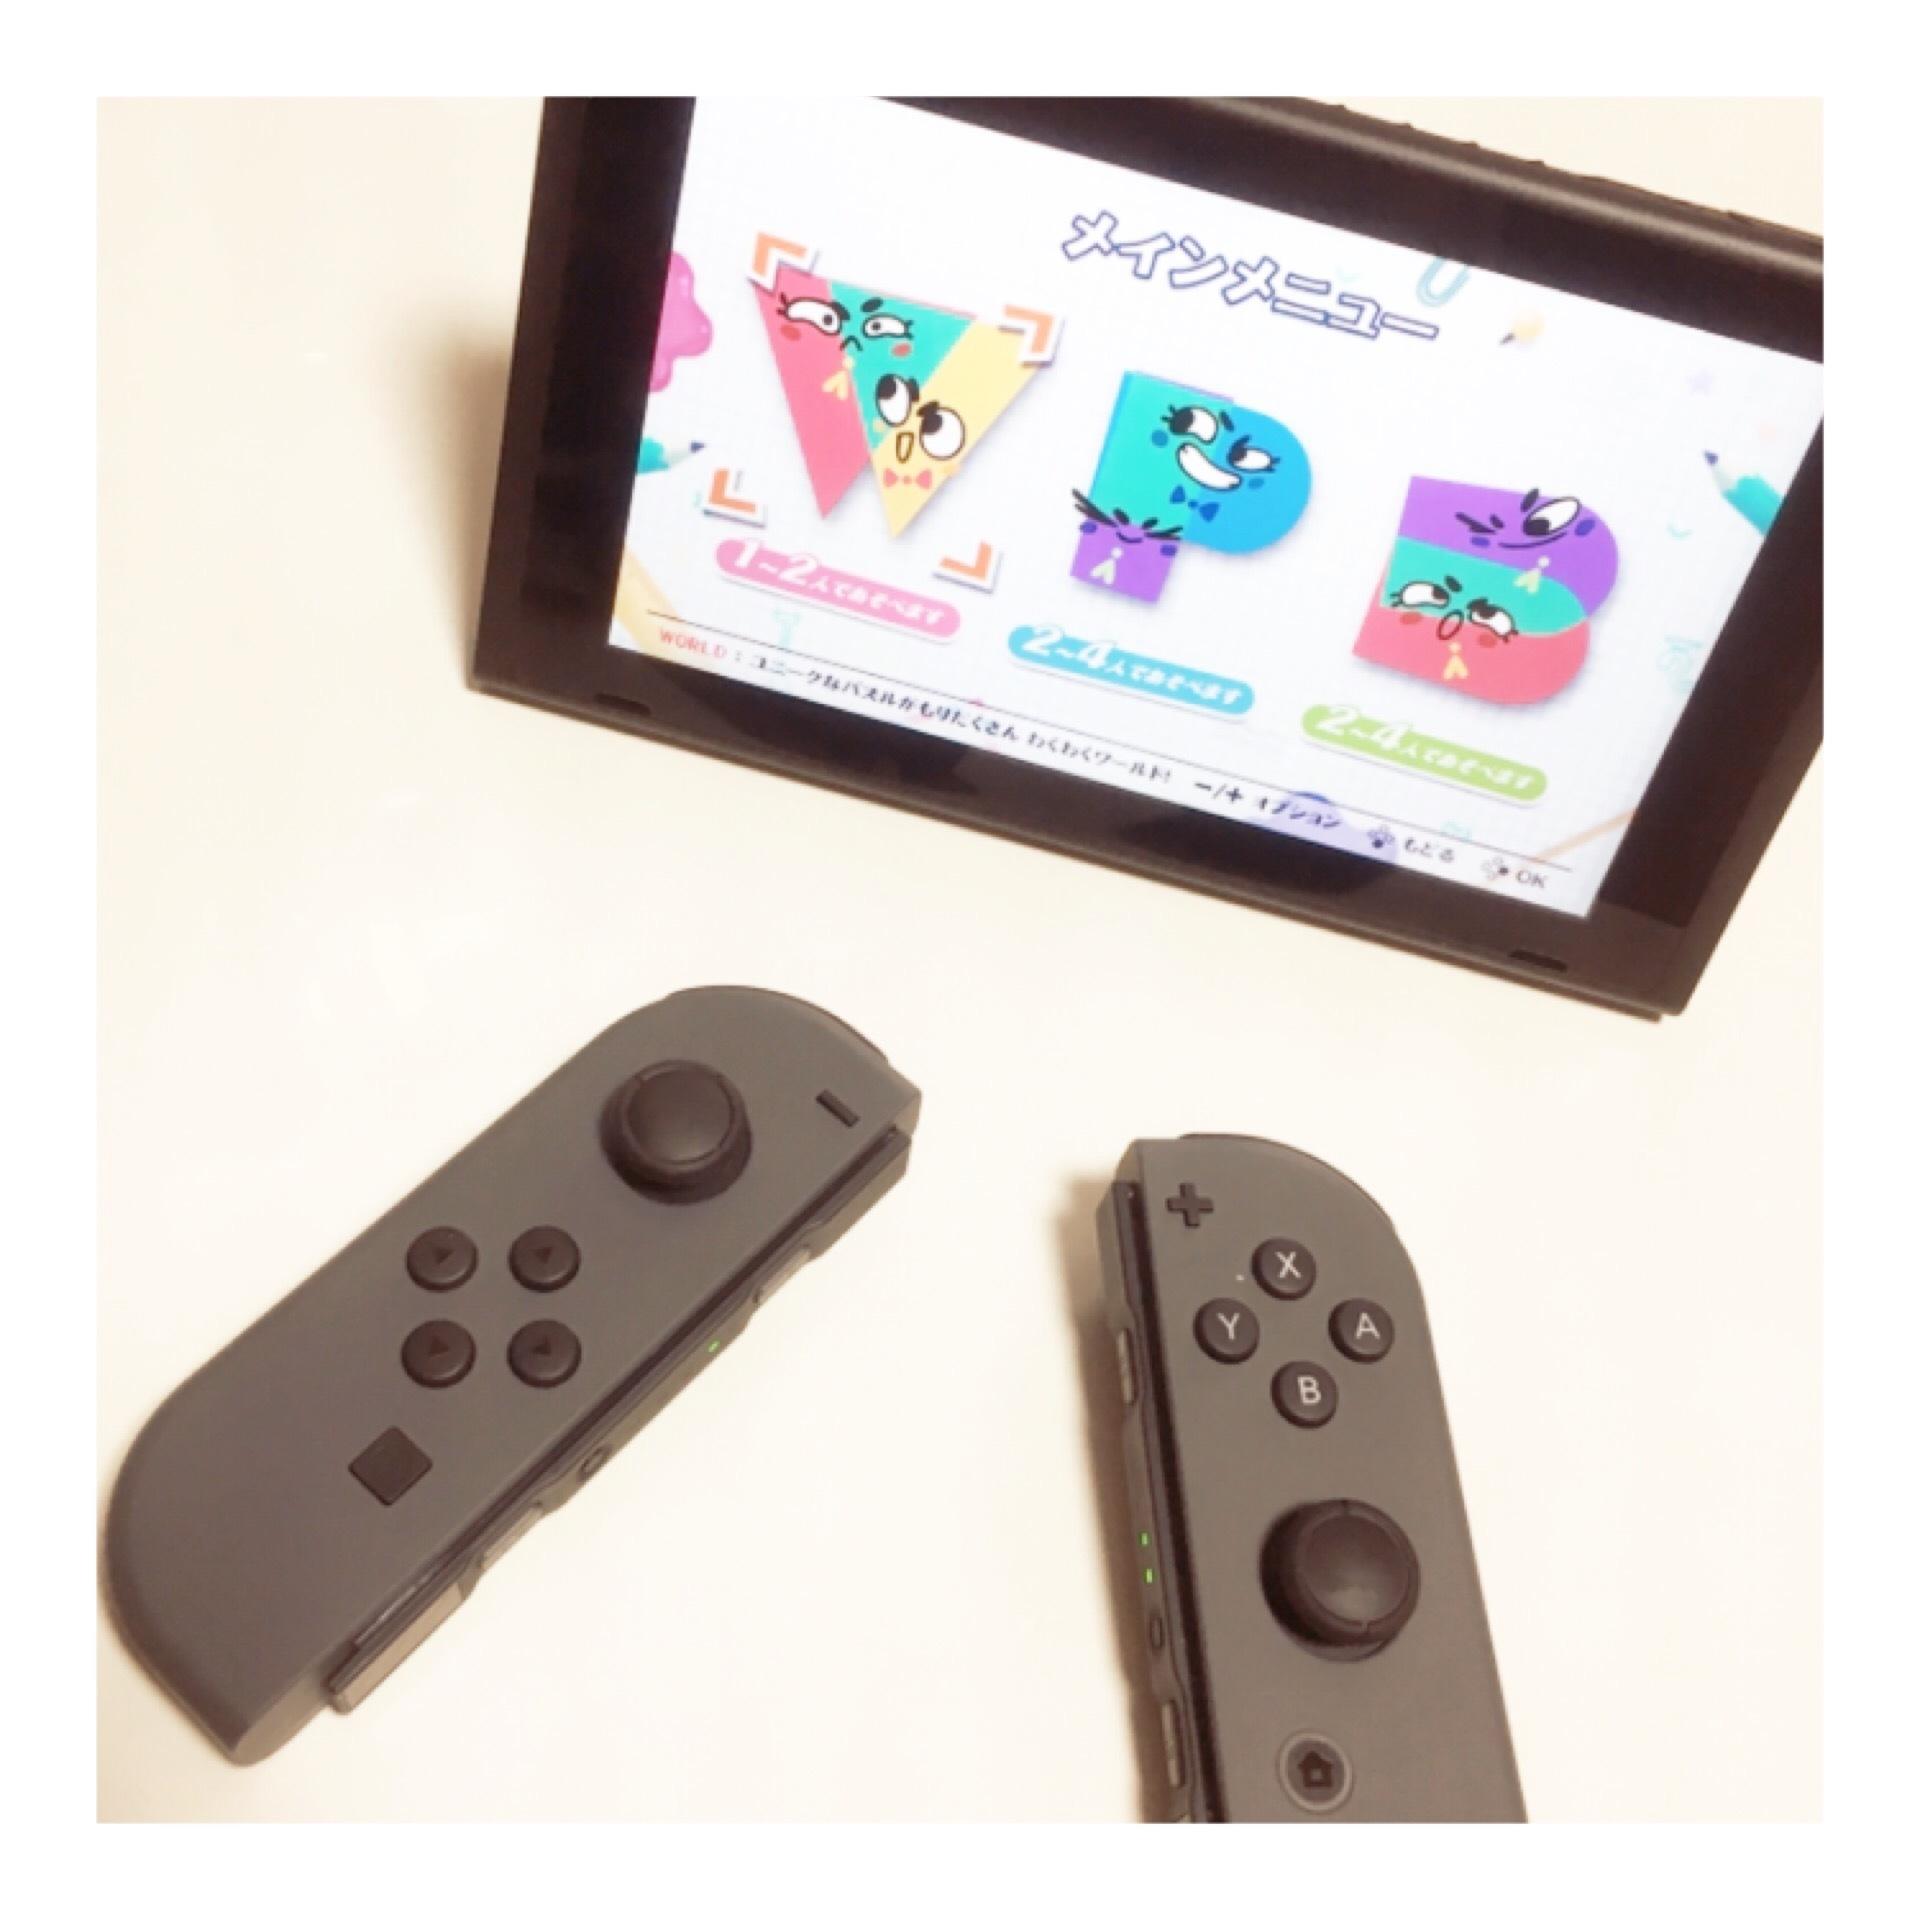 ゲーマー女子♡大人気で入手困難!?『 Nintendo switch 』_1_3